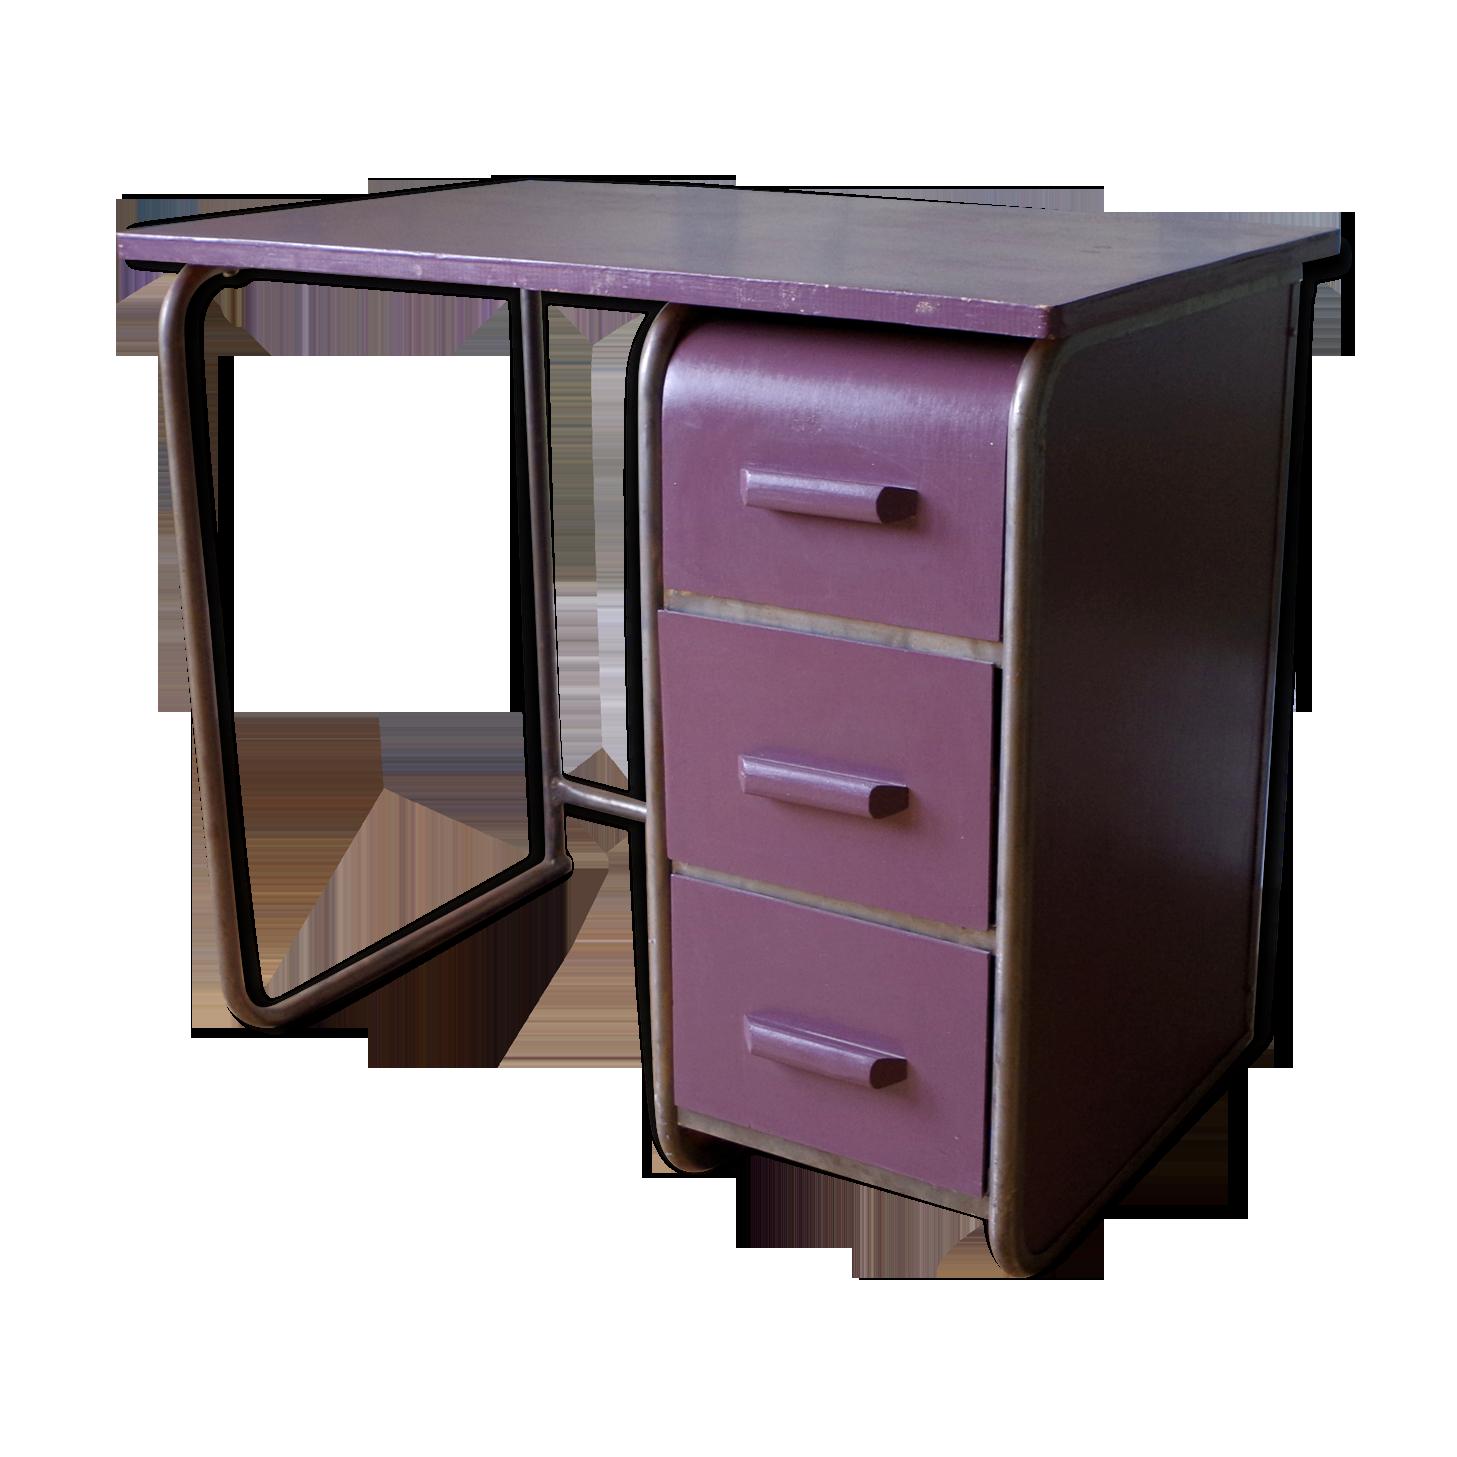 Bureau industriel en bois et métal bois matériau violet